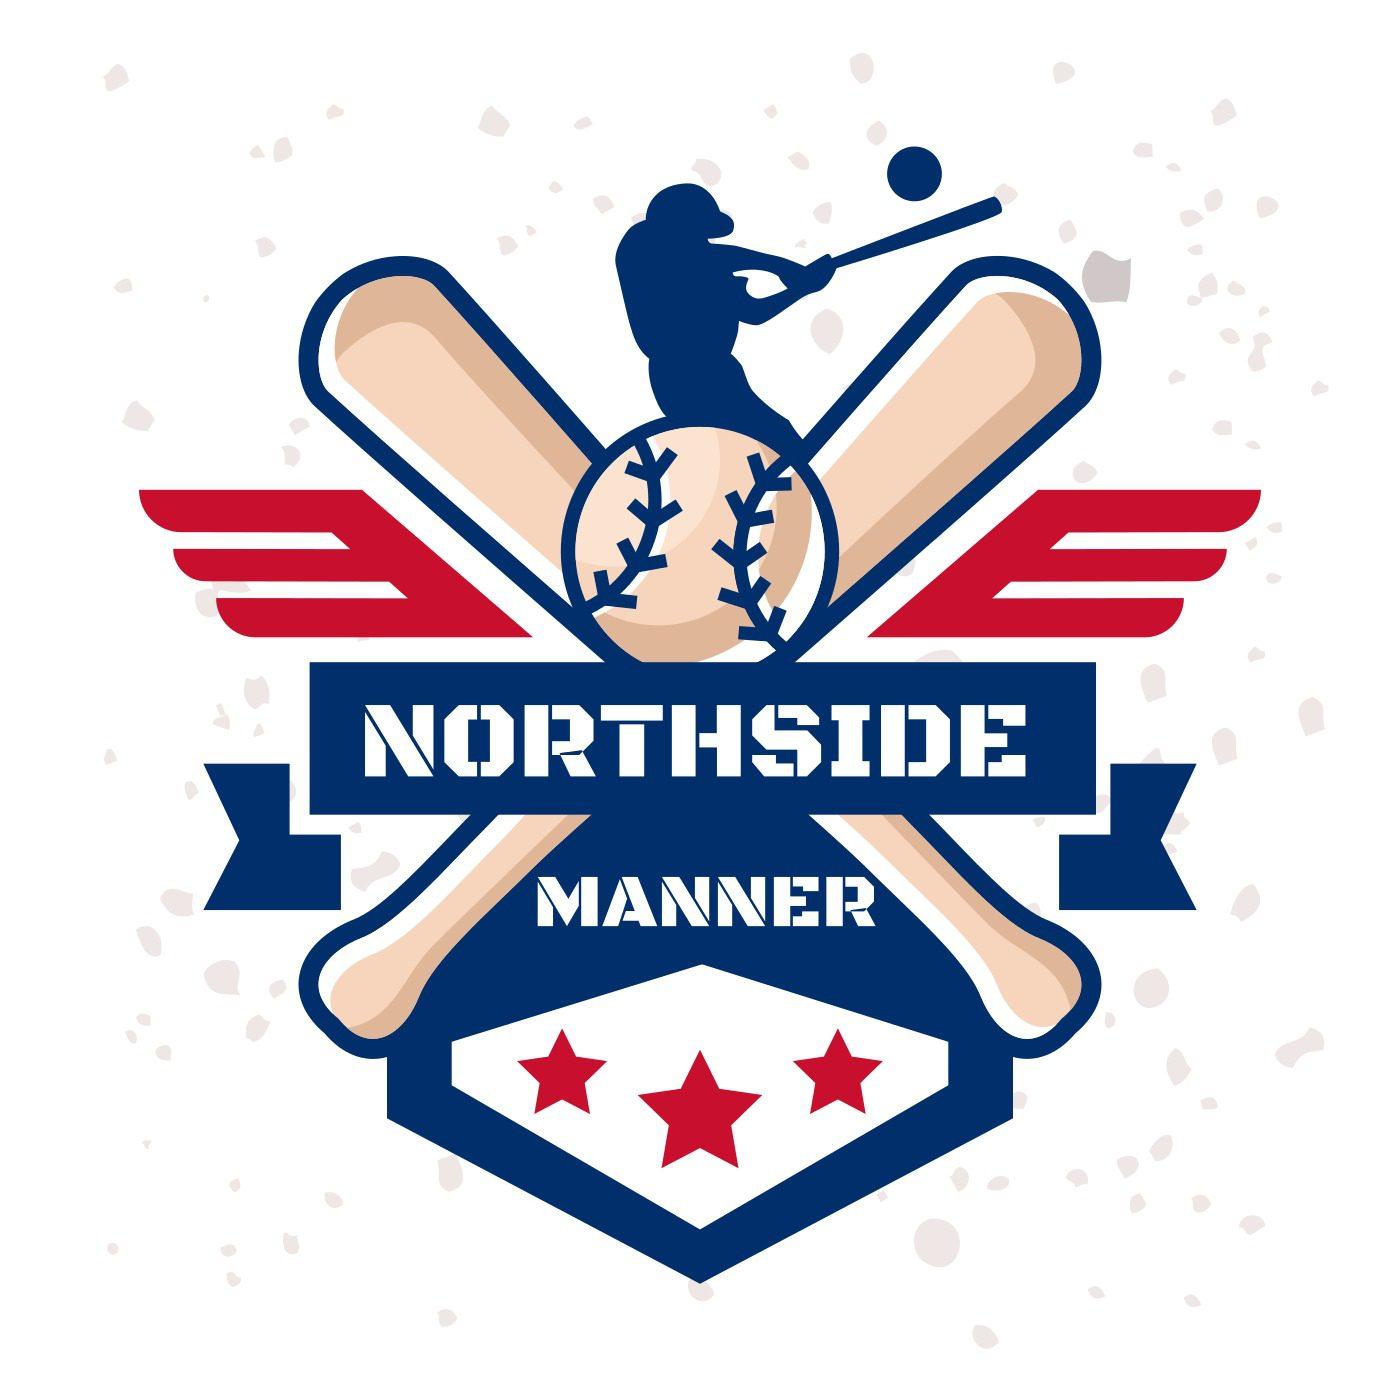 Northside Manner